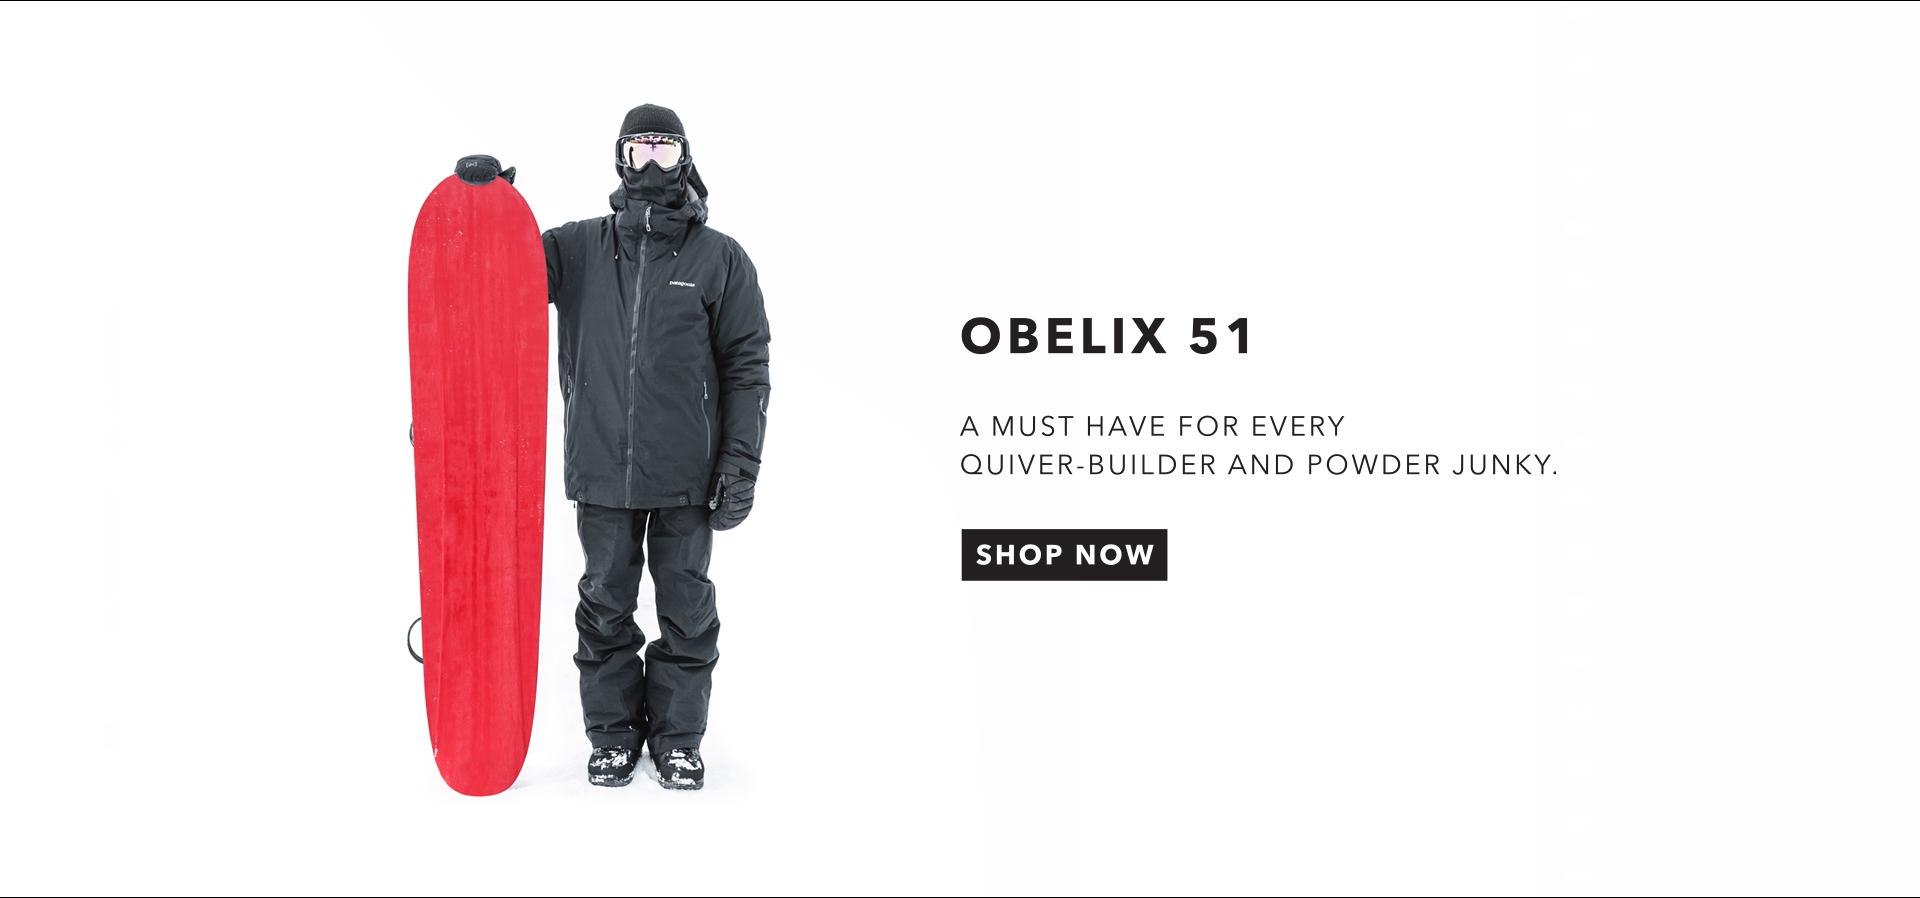 OBELIX 51